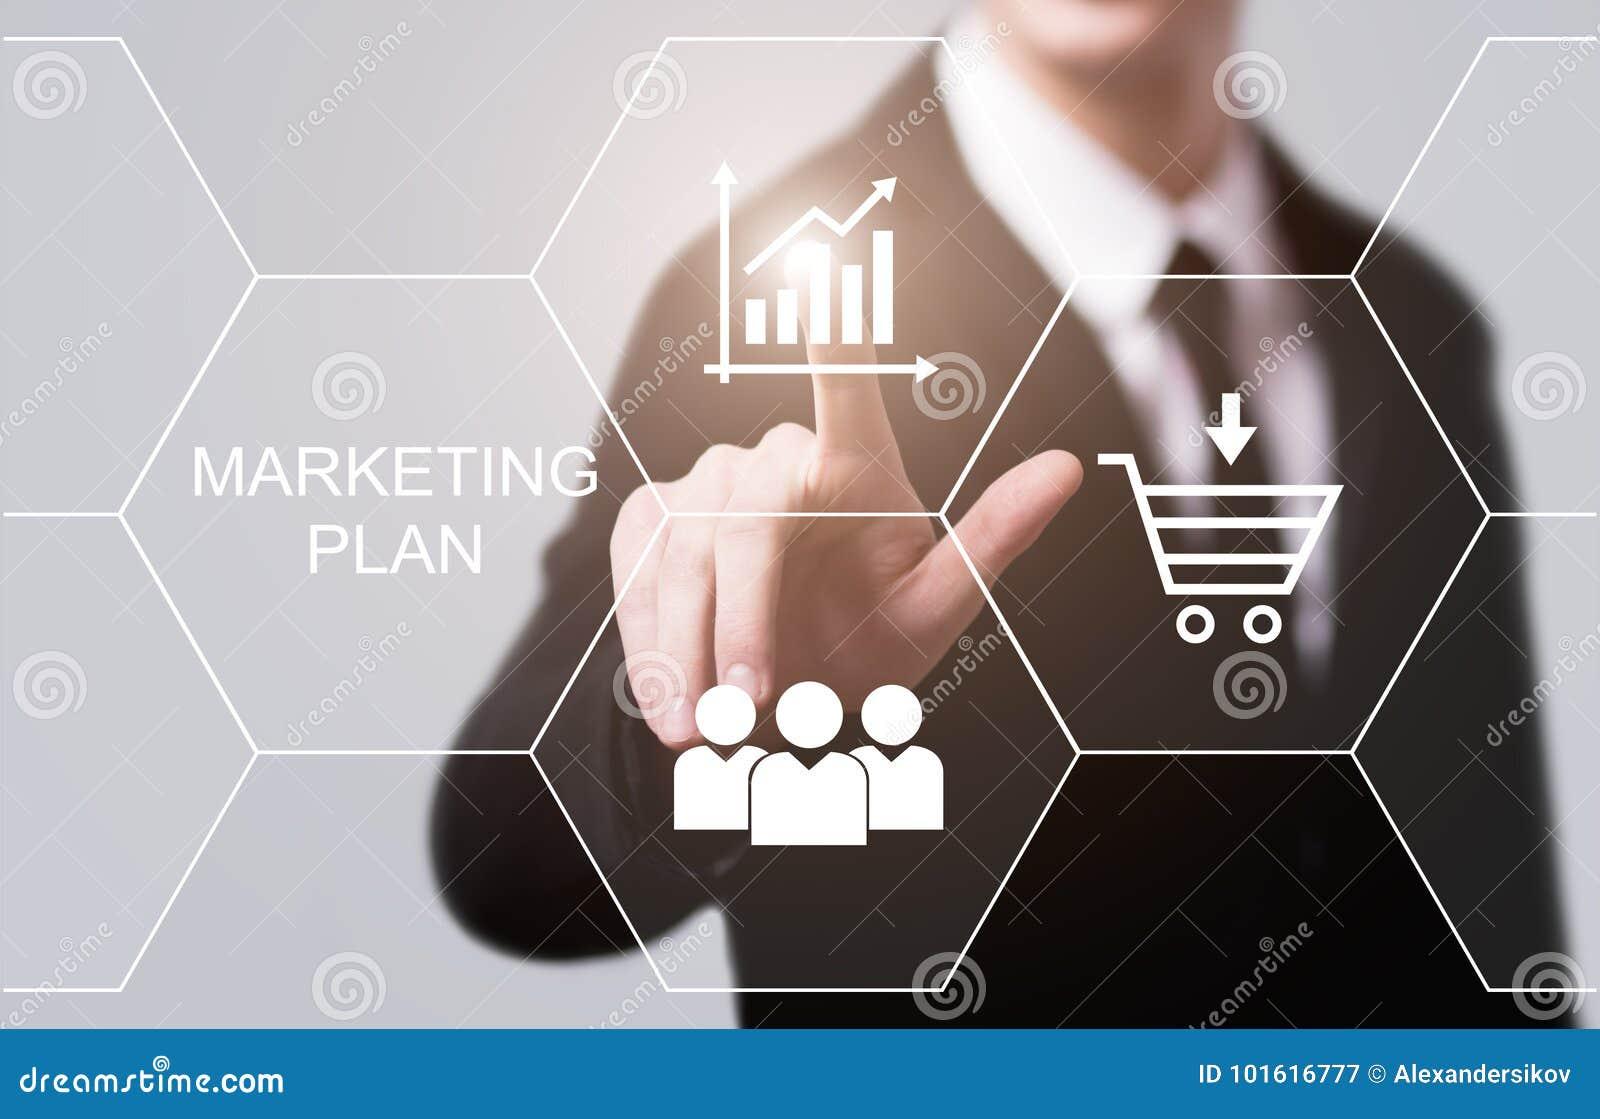 Έννοια προώθησης στρατηγικής επιχειρησιακής διαφήμισης σχεδίων μάρκετινγκ